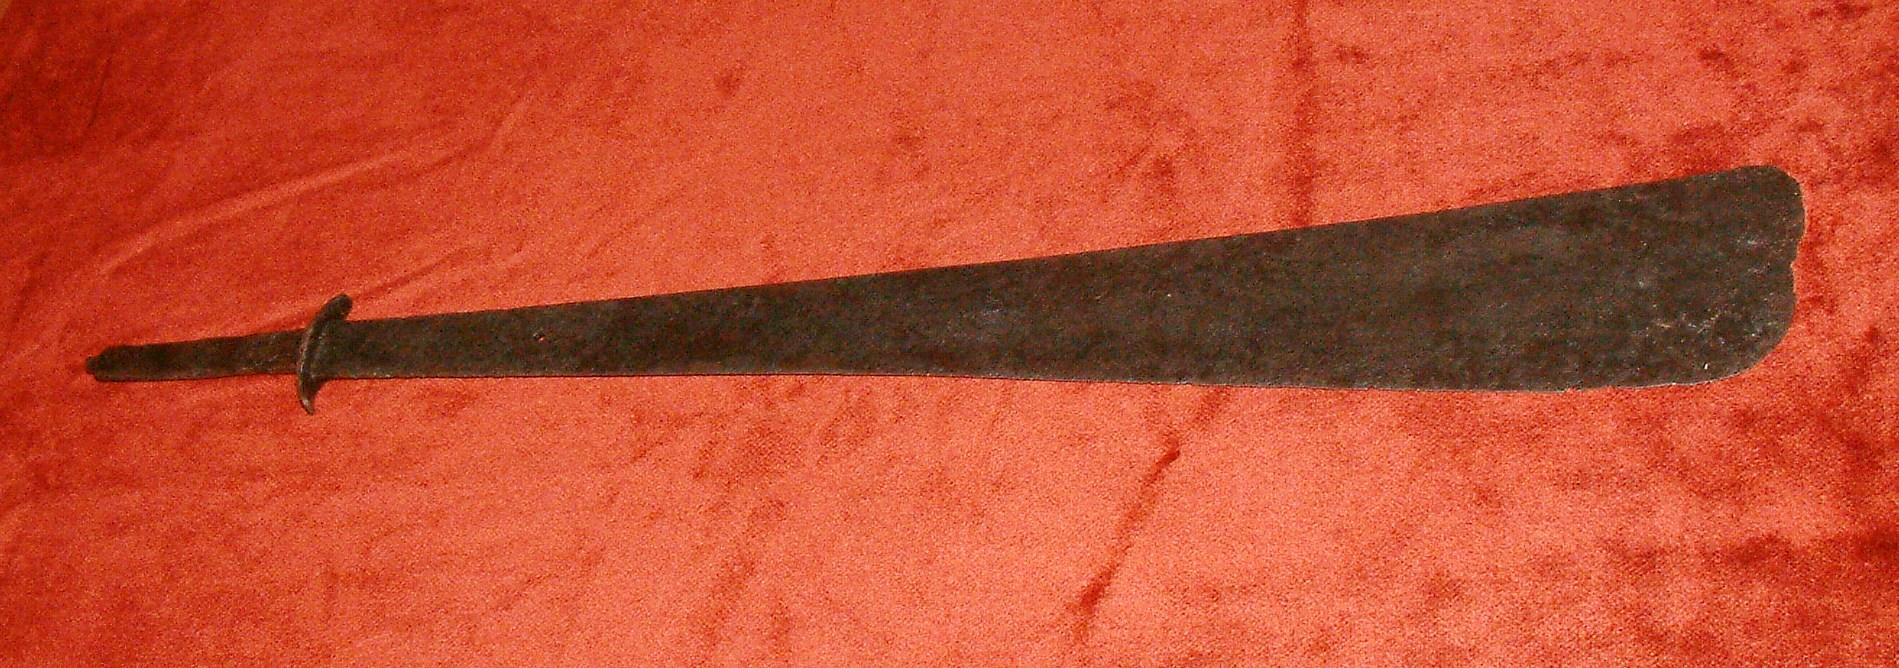 исторические мечи фото